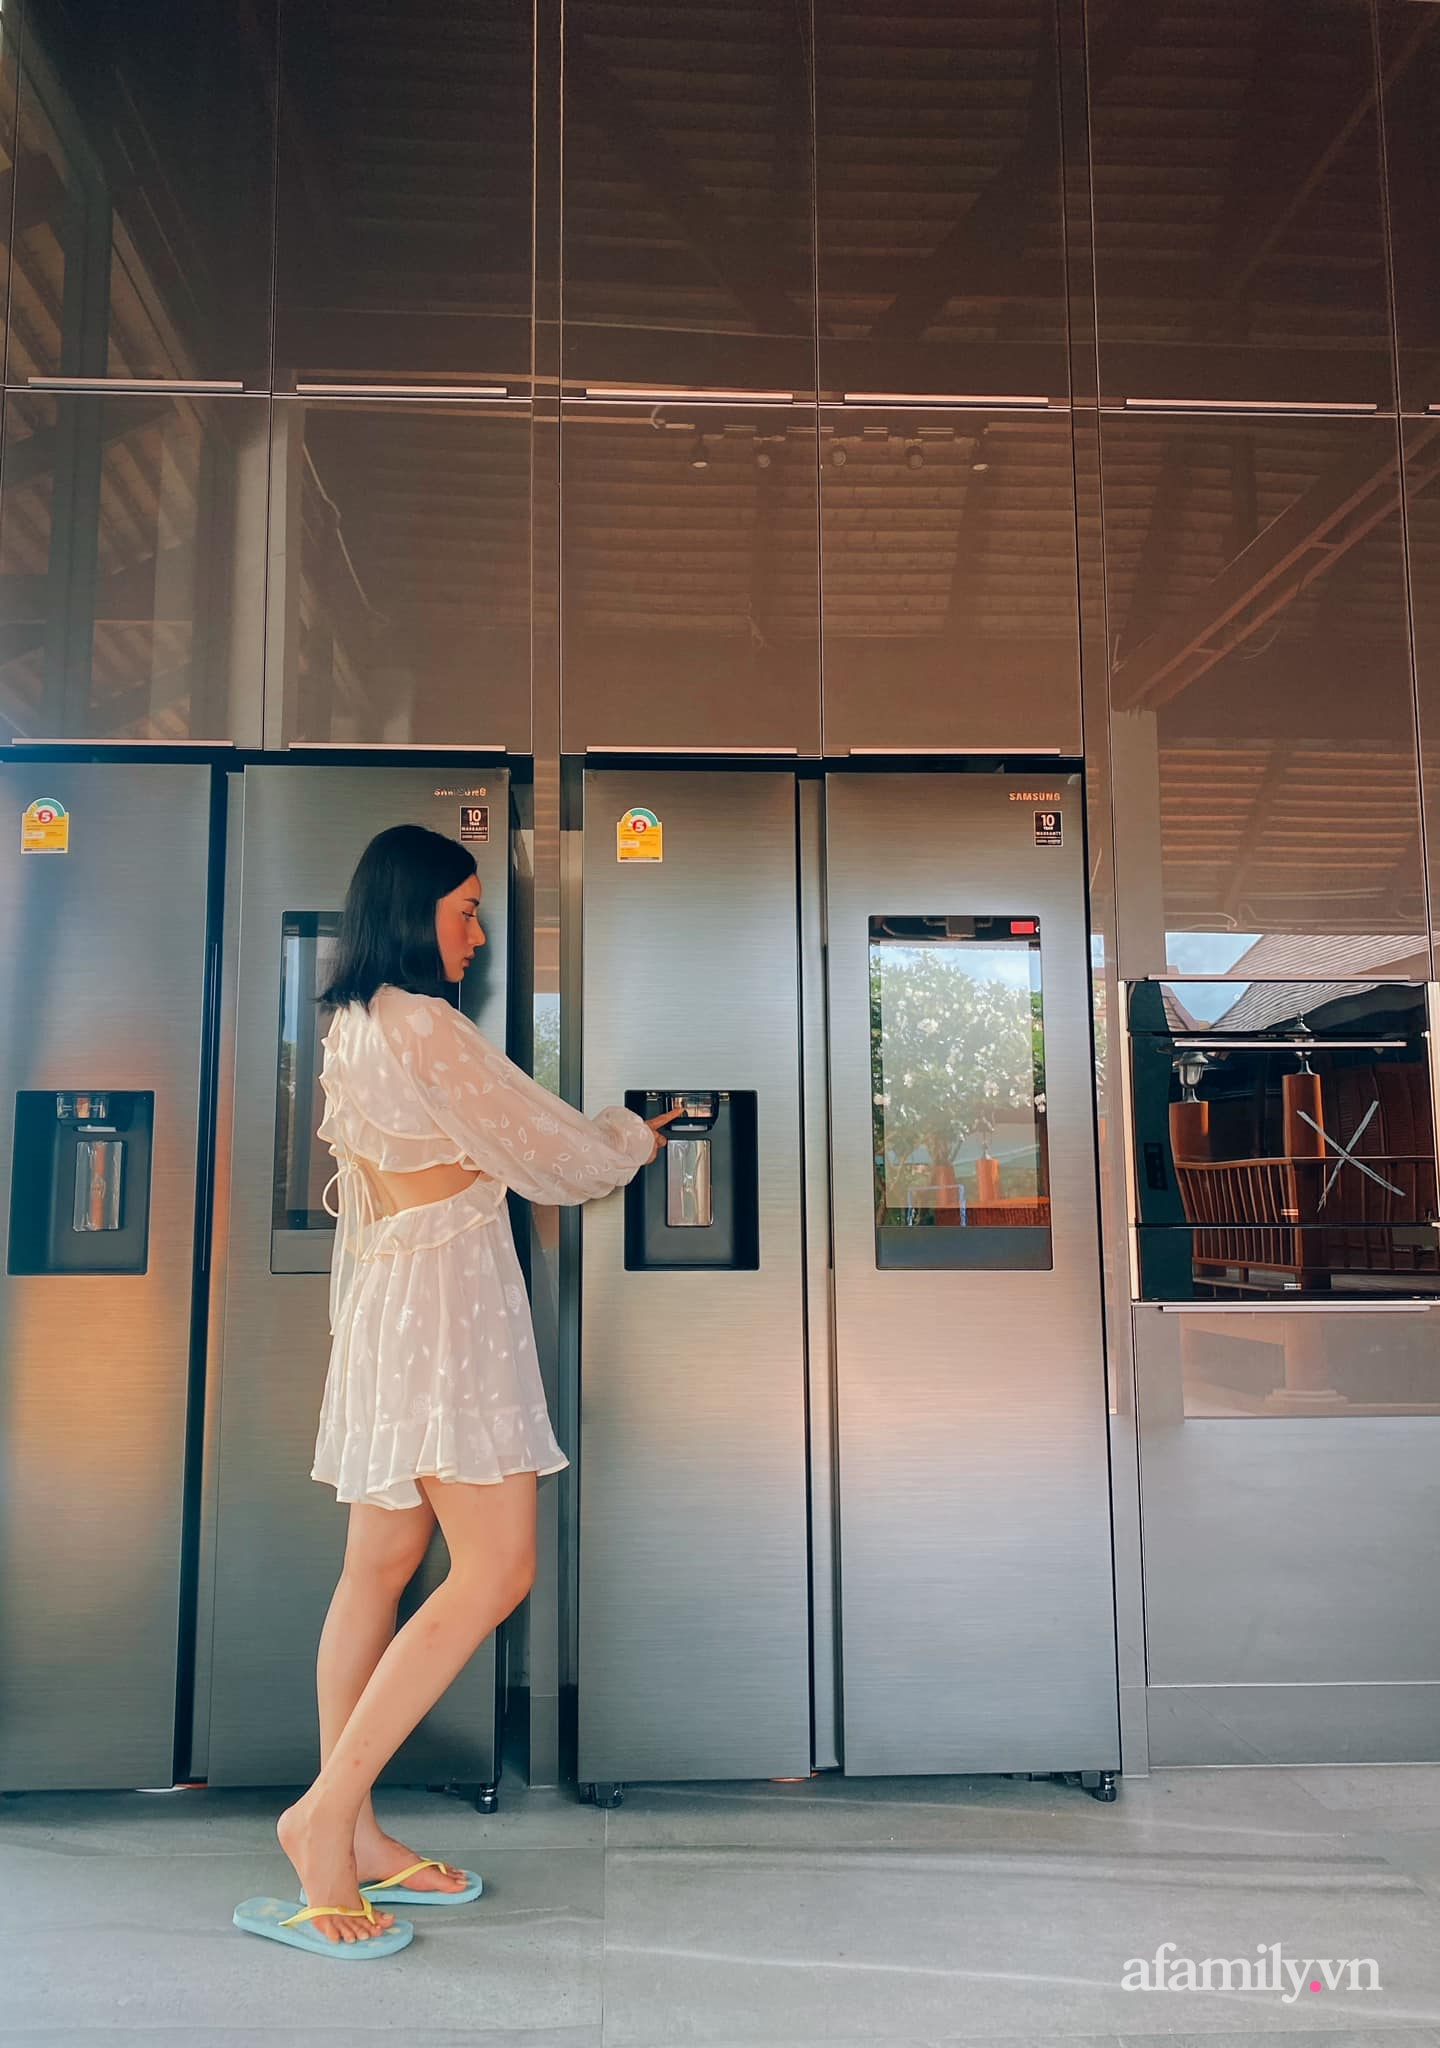 Vợ đại gia Thái Lan khoe căn bếp 3,7 tỷ chồng tặng: Toàn món đồ bếp dòng mới nhất của thương hiệu ngoại cao cấp này - Ảnh 7.